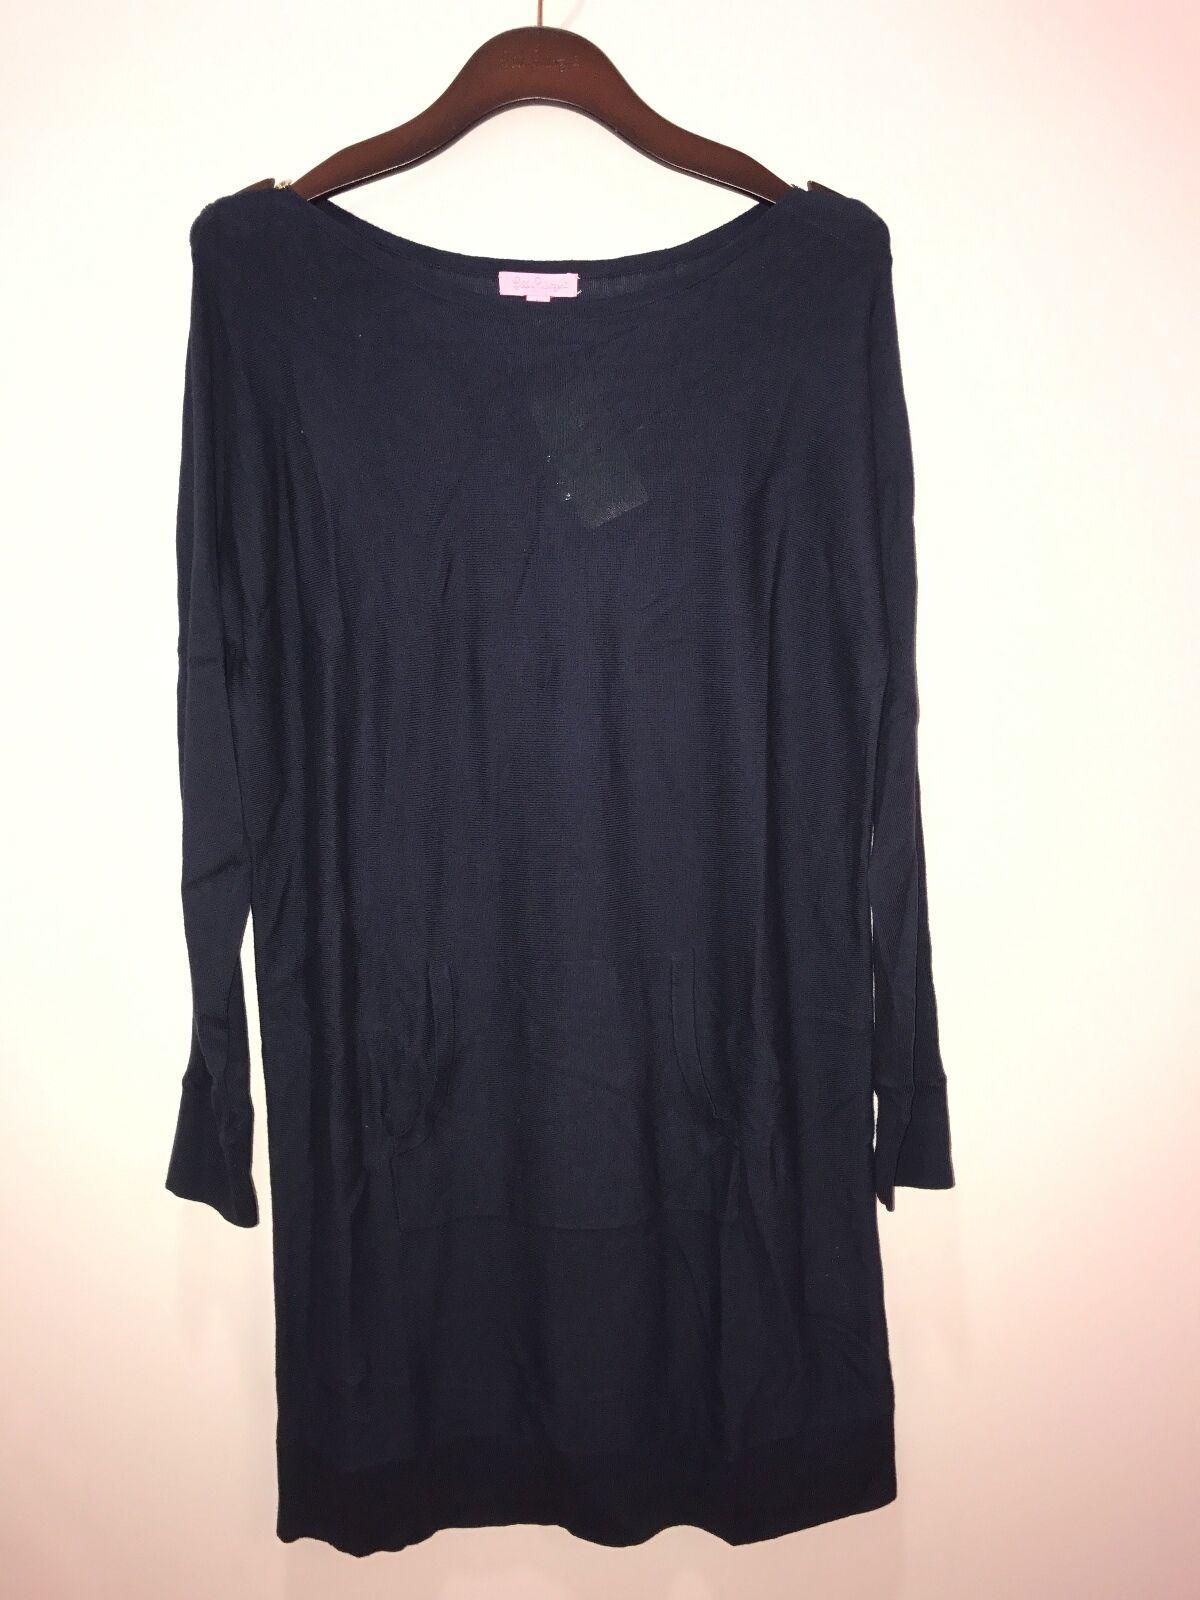 NWT Lilly Pulitzer Jupiter Sweater Dress True Navy Size XXS XXS XXS ff2baa